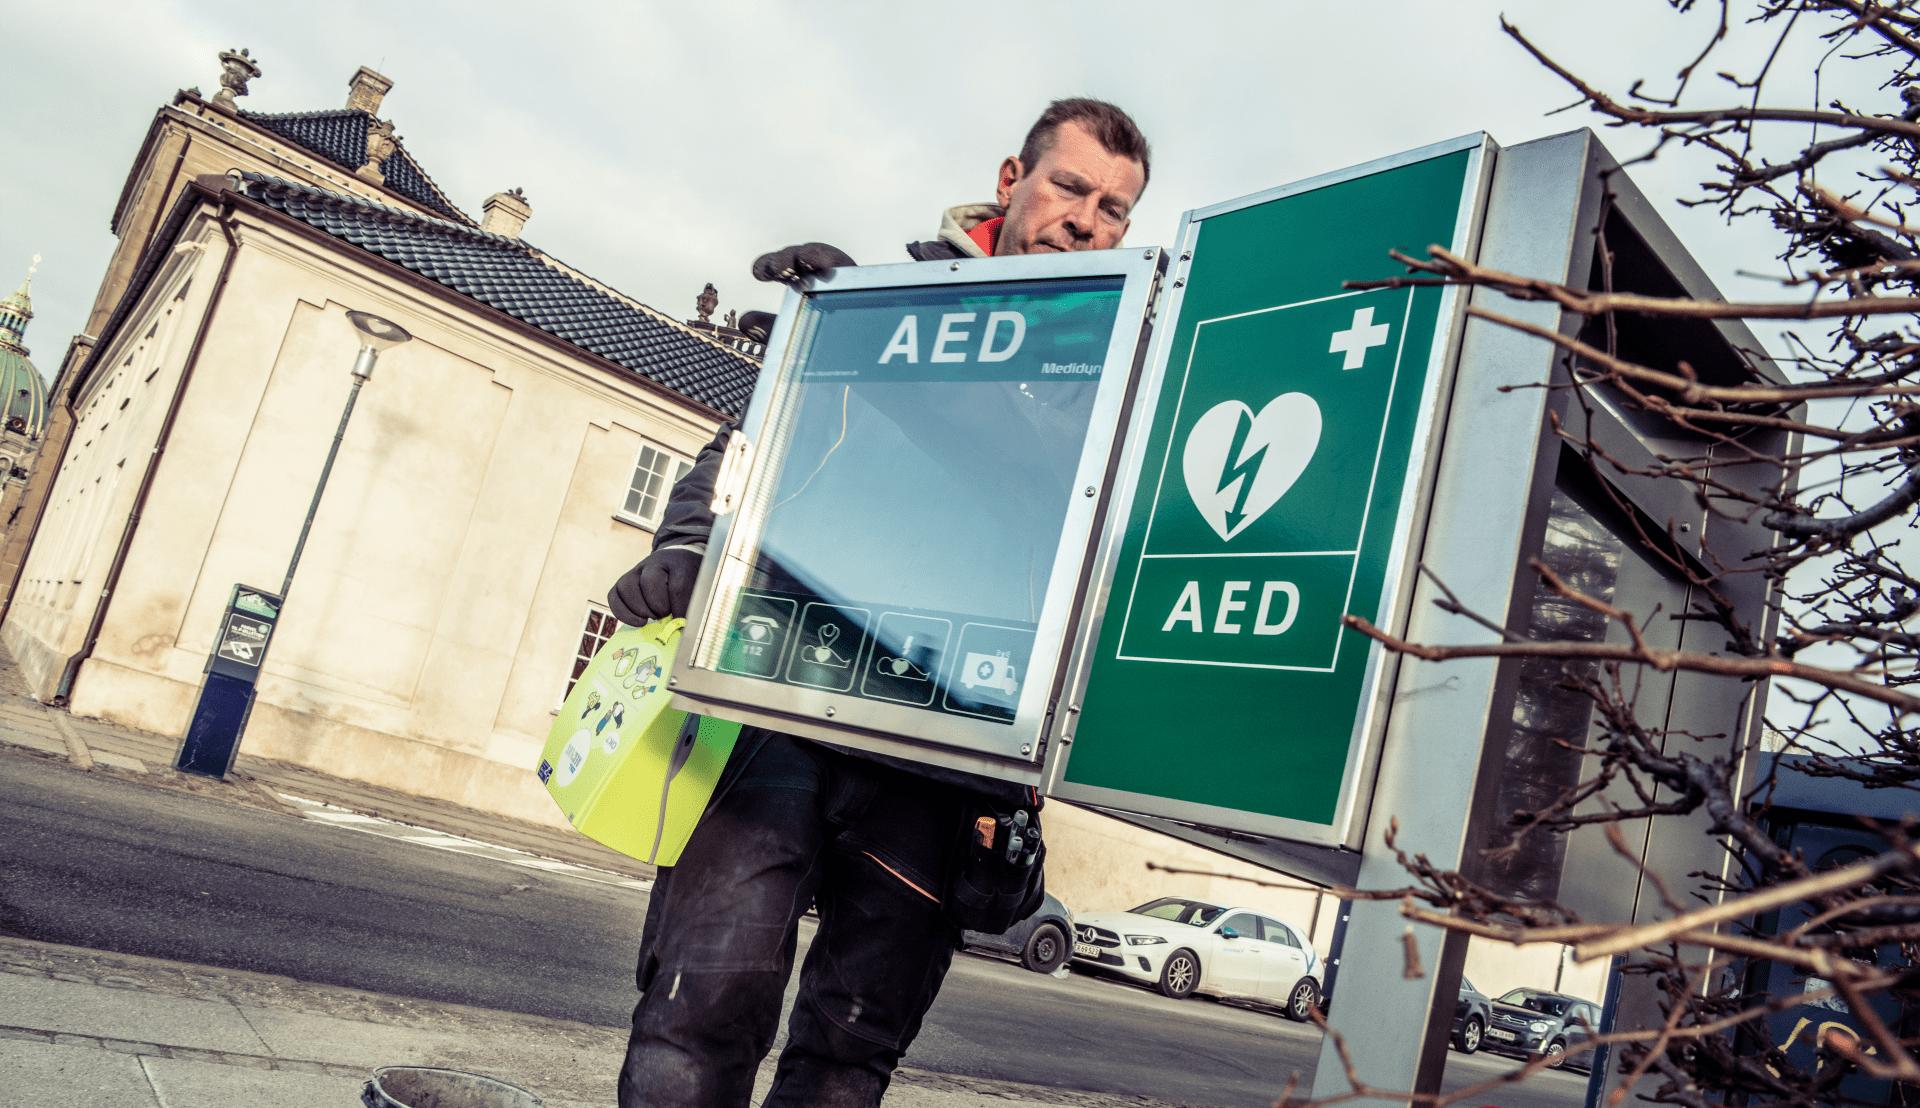 Opsaetning af en hjertestarter i Vordingborg